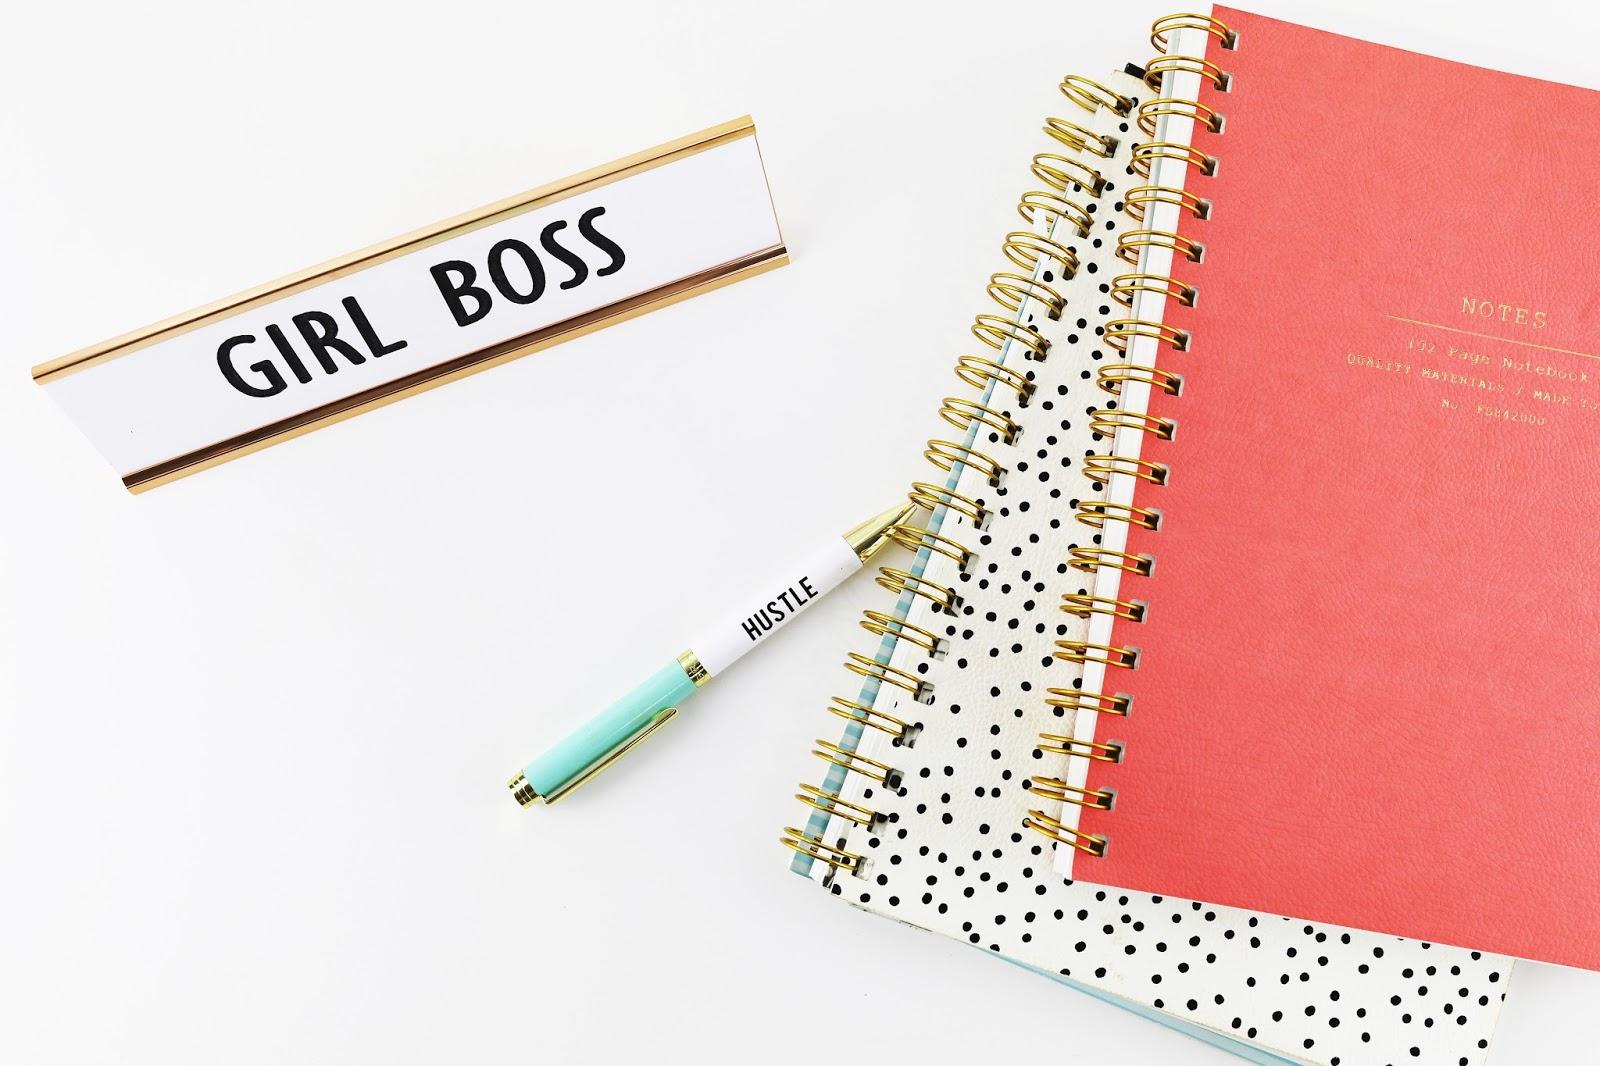 www.fashionsobsessions.it @zairadurso , zairadurso , zaira d'urso , zairadurso_ , blogging, corso di blogging per principianti, come affrontare la crisi da scrittura, come gestire al meglio un blog, come tornare a scrivere con passione